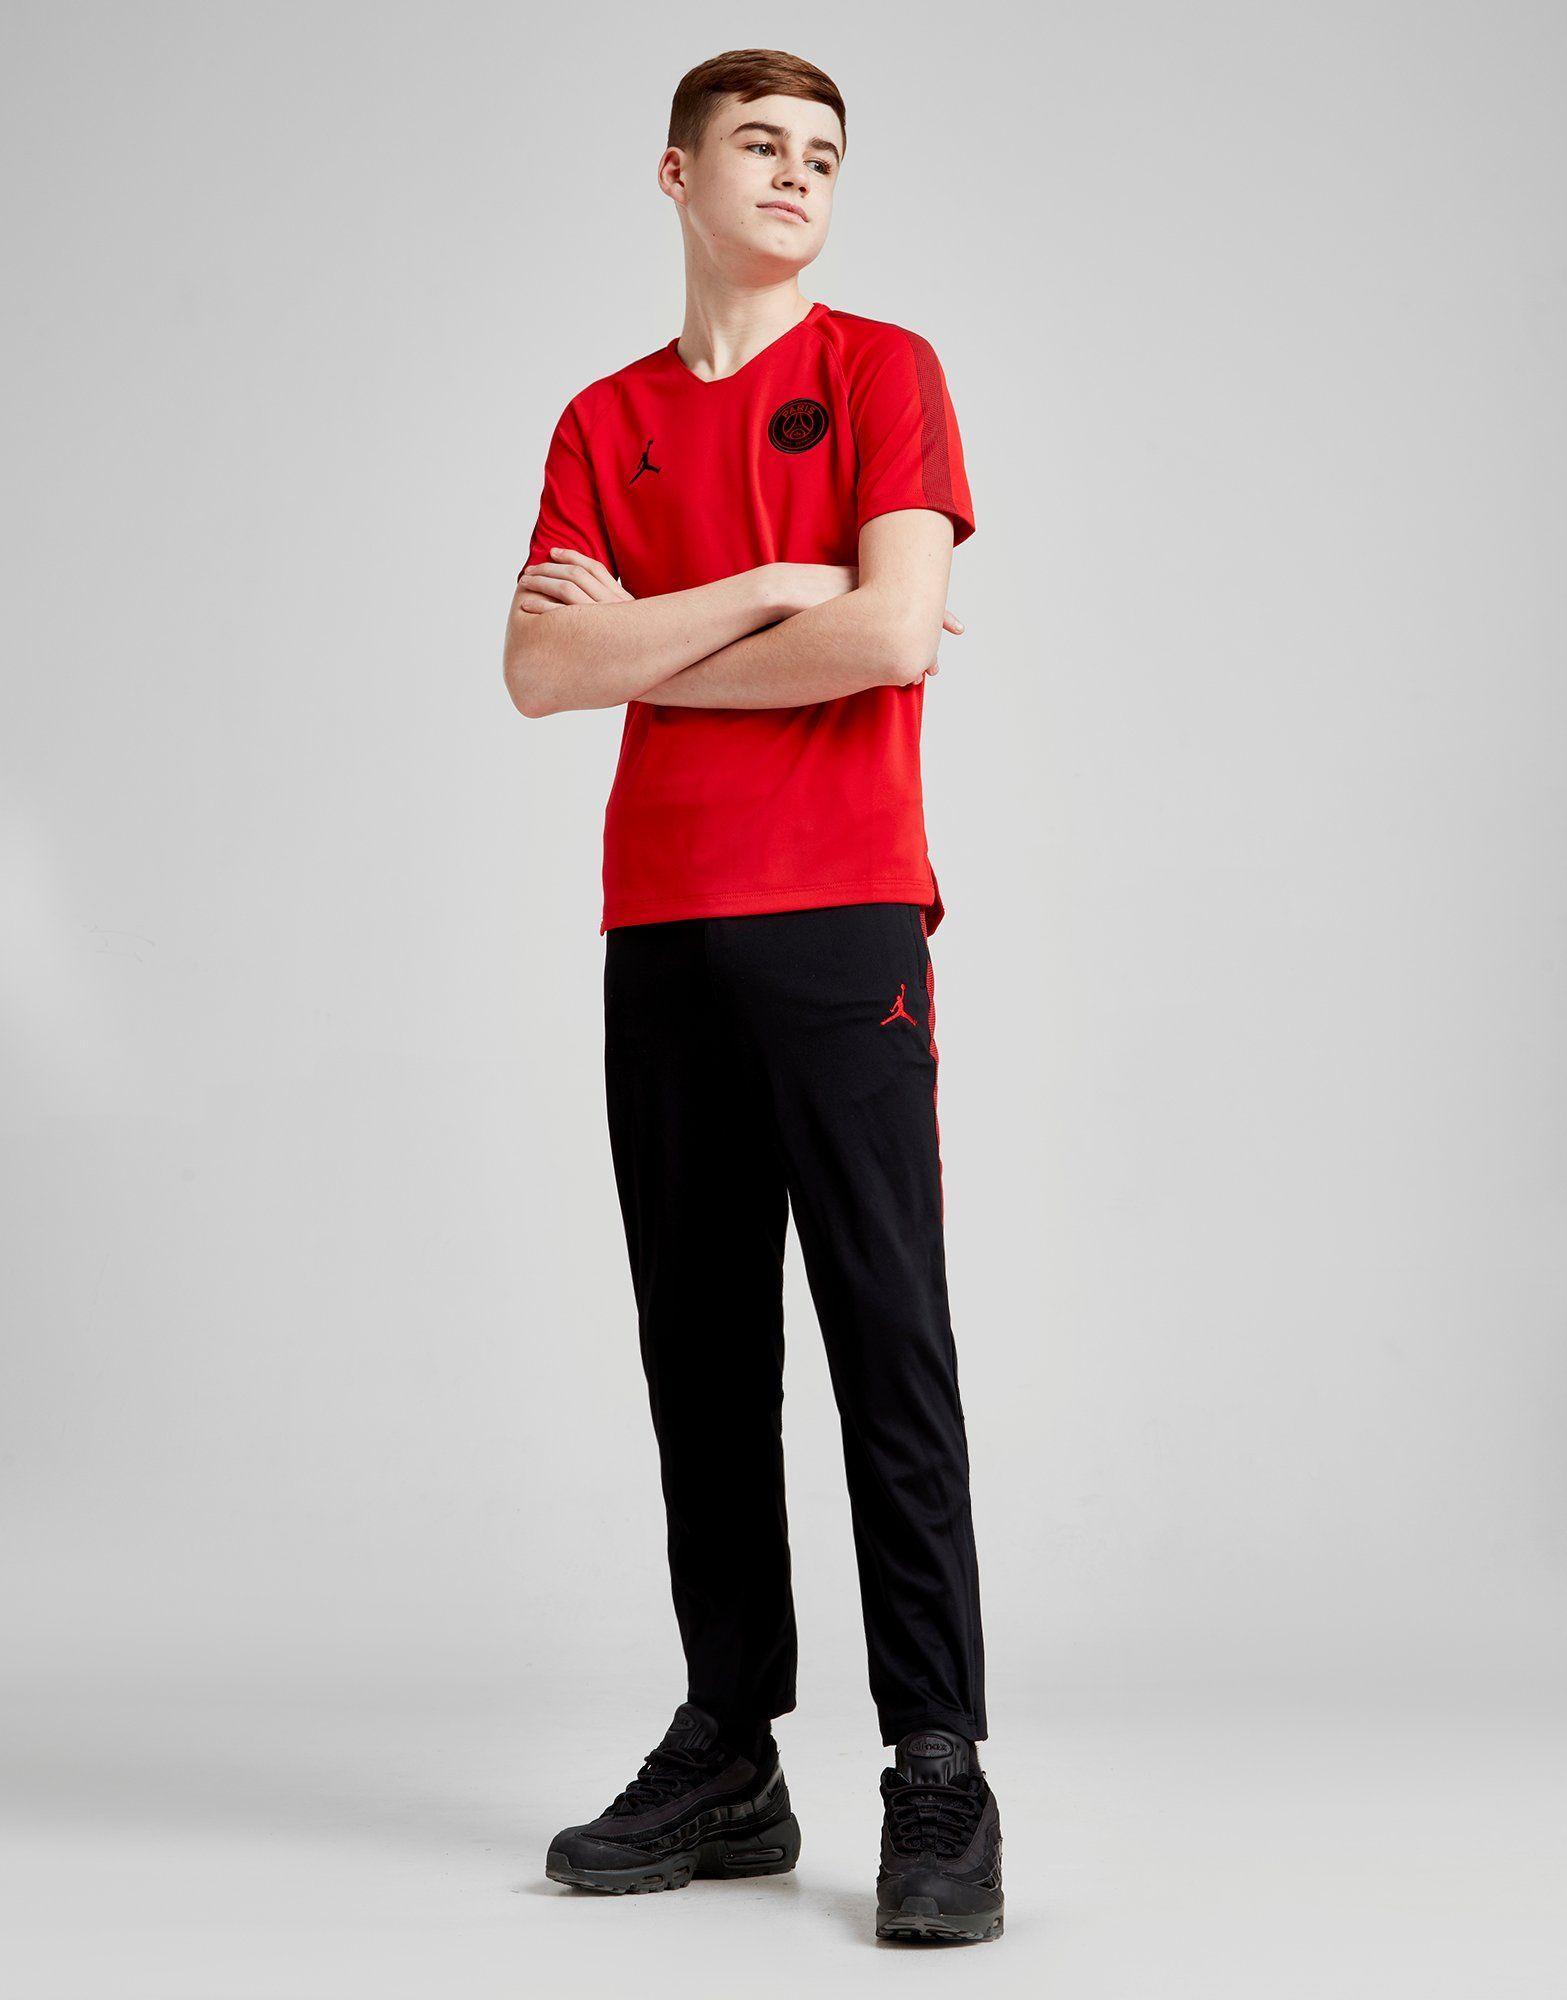 Jordan T-shirt x Paris Saint Germain Junior